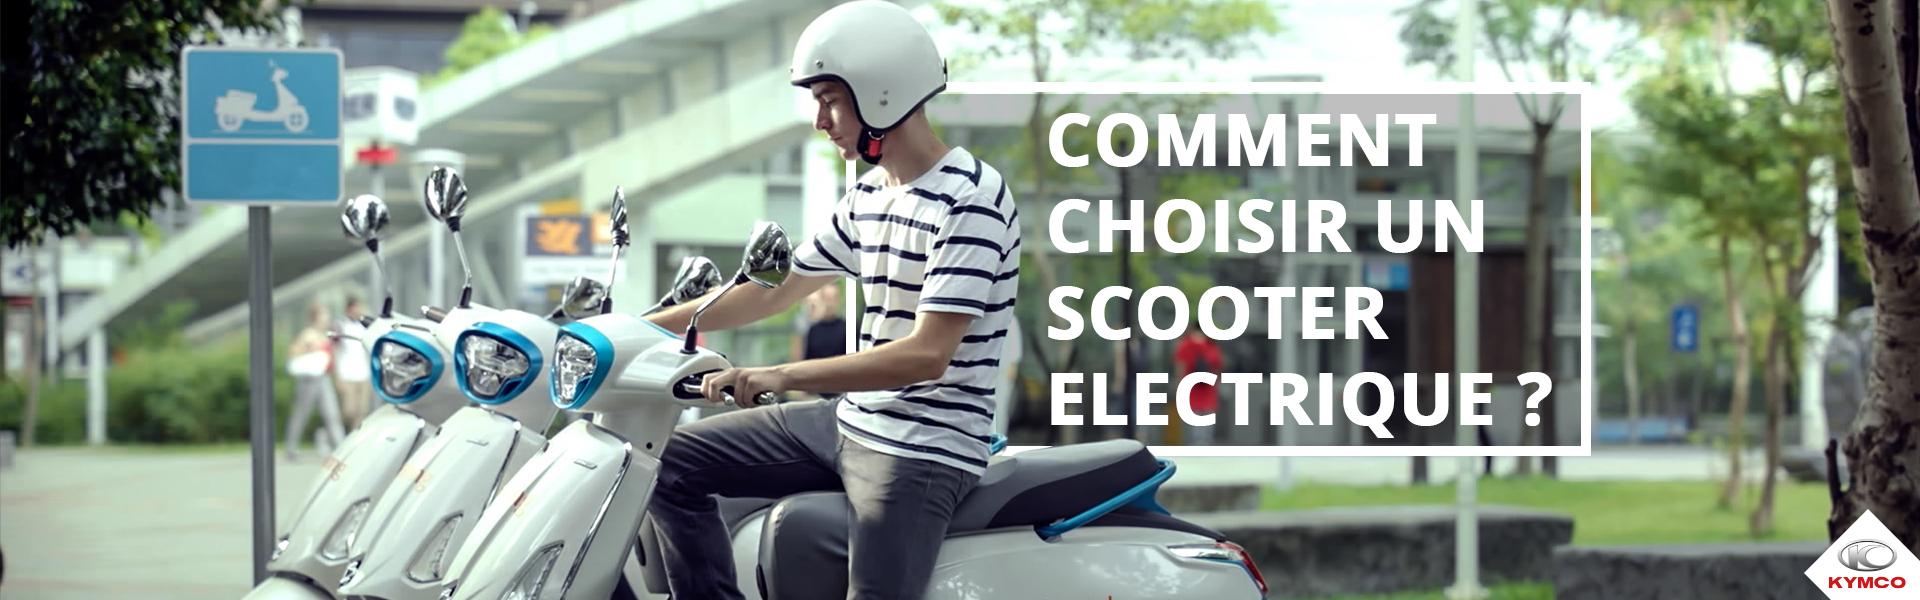 comment-choisir-scooter-electrique